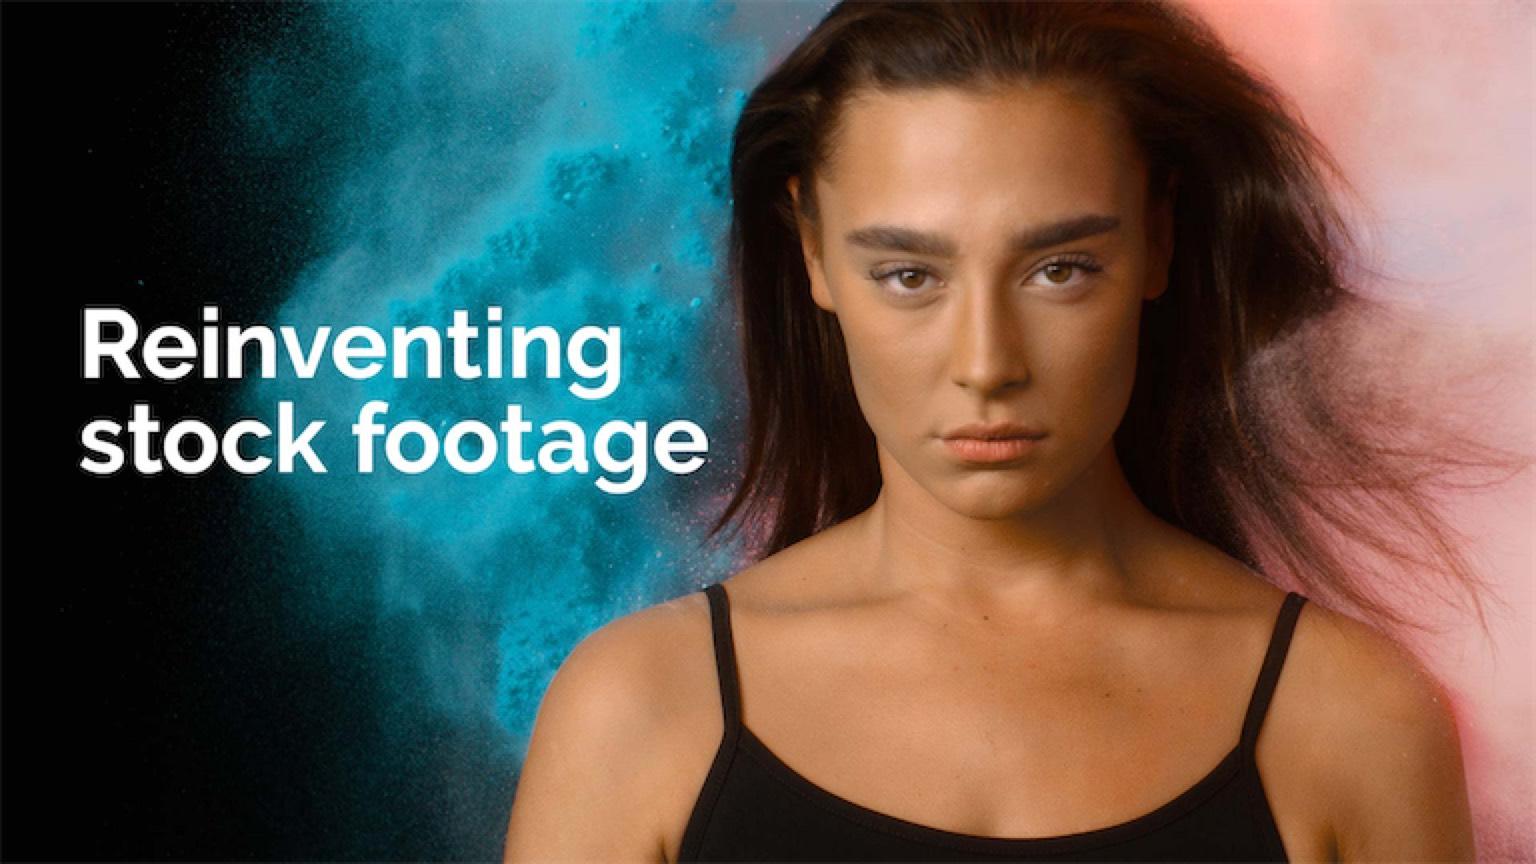 「【商用利用可】高品質の映像素材サイト『Artgrid』がすごい!」のアイキャッチ画像